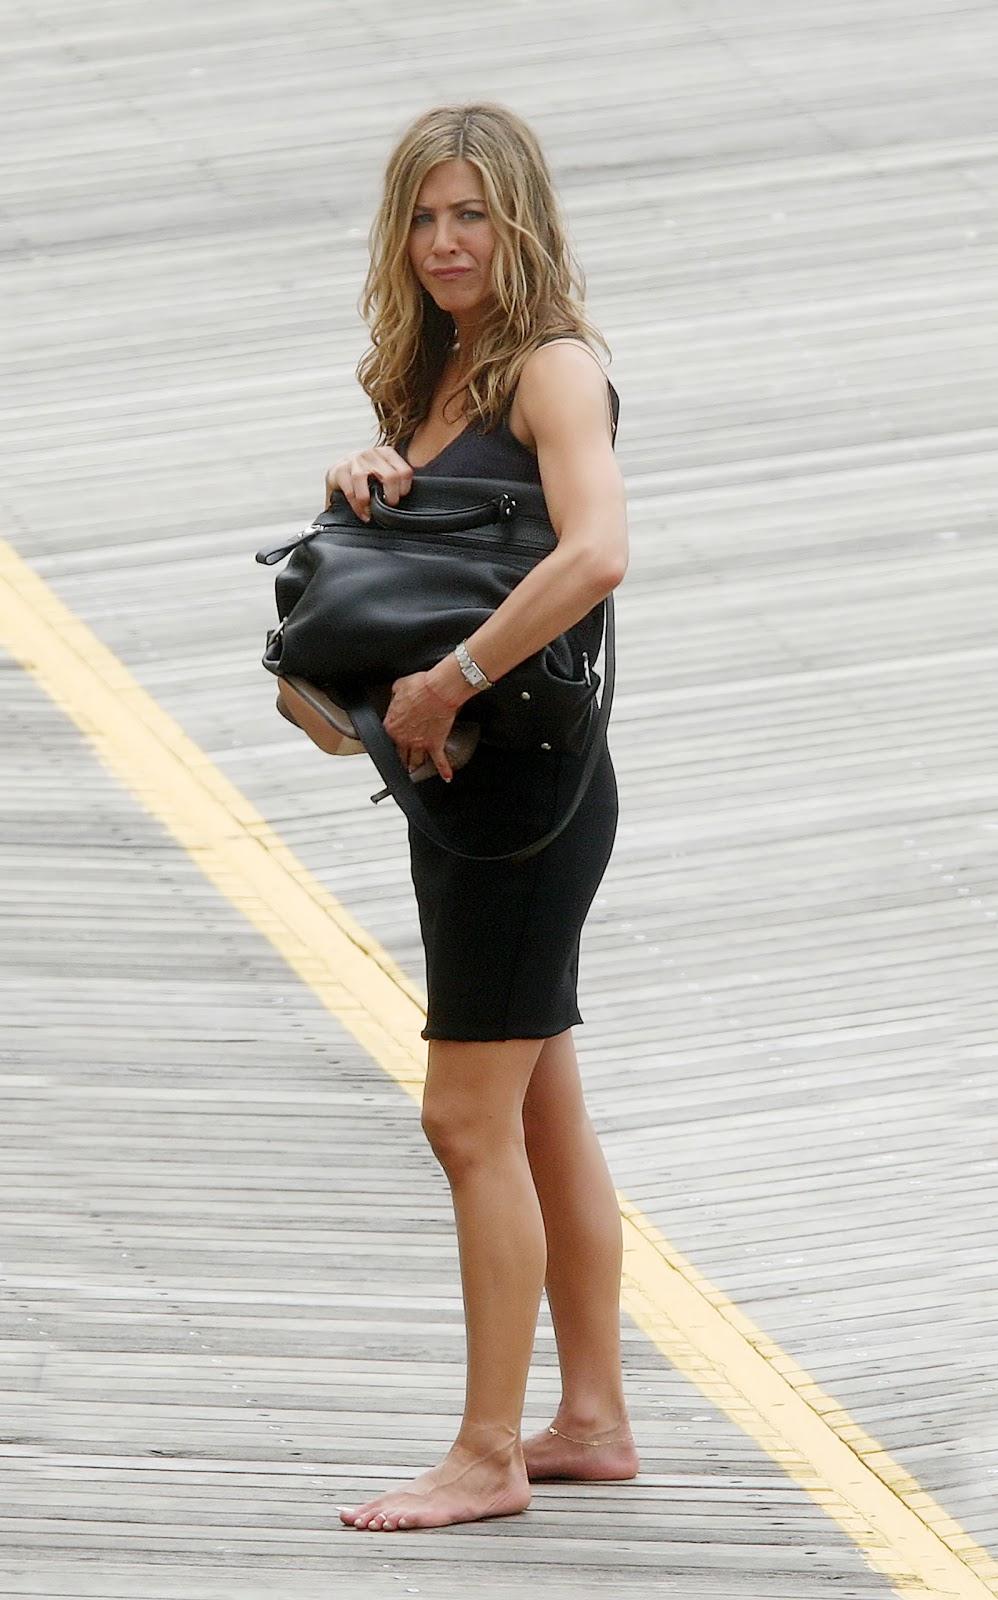 Barefoot celebrities january 2012 - Jennifer aniston barefoot ...